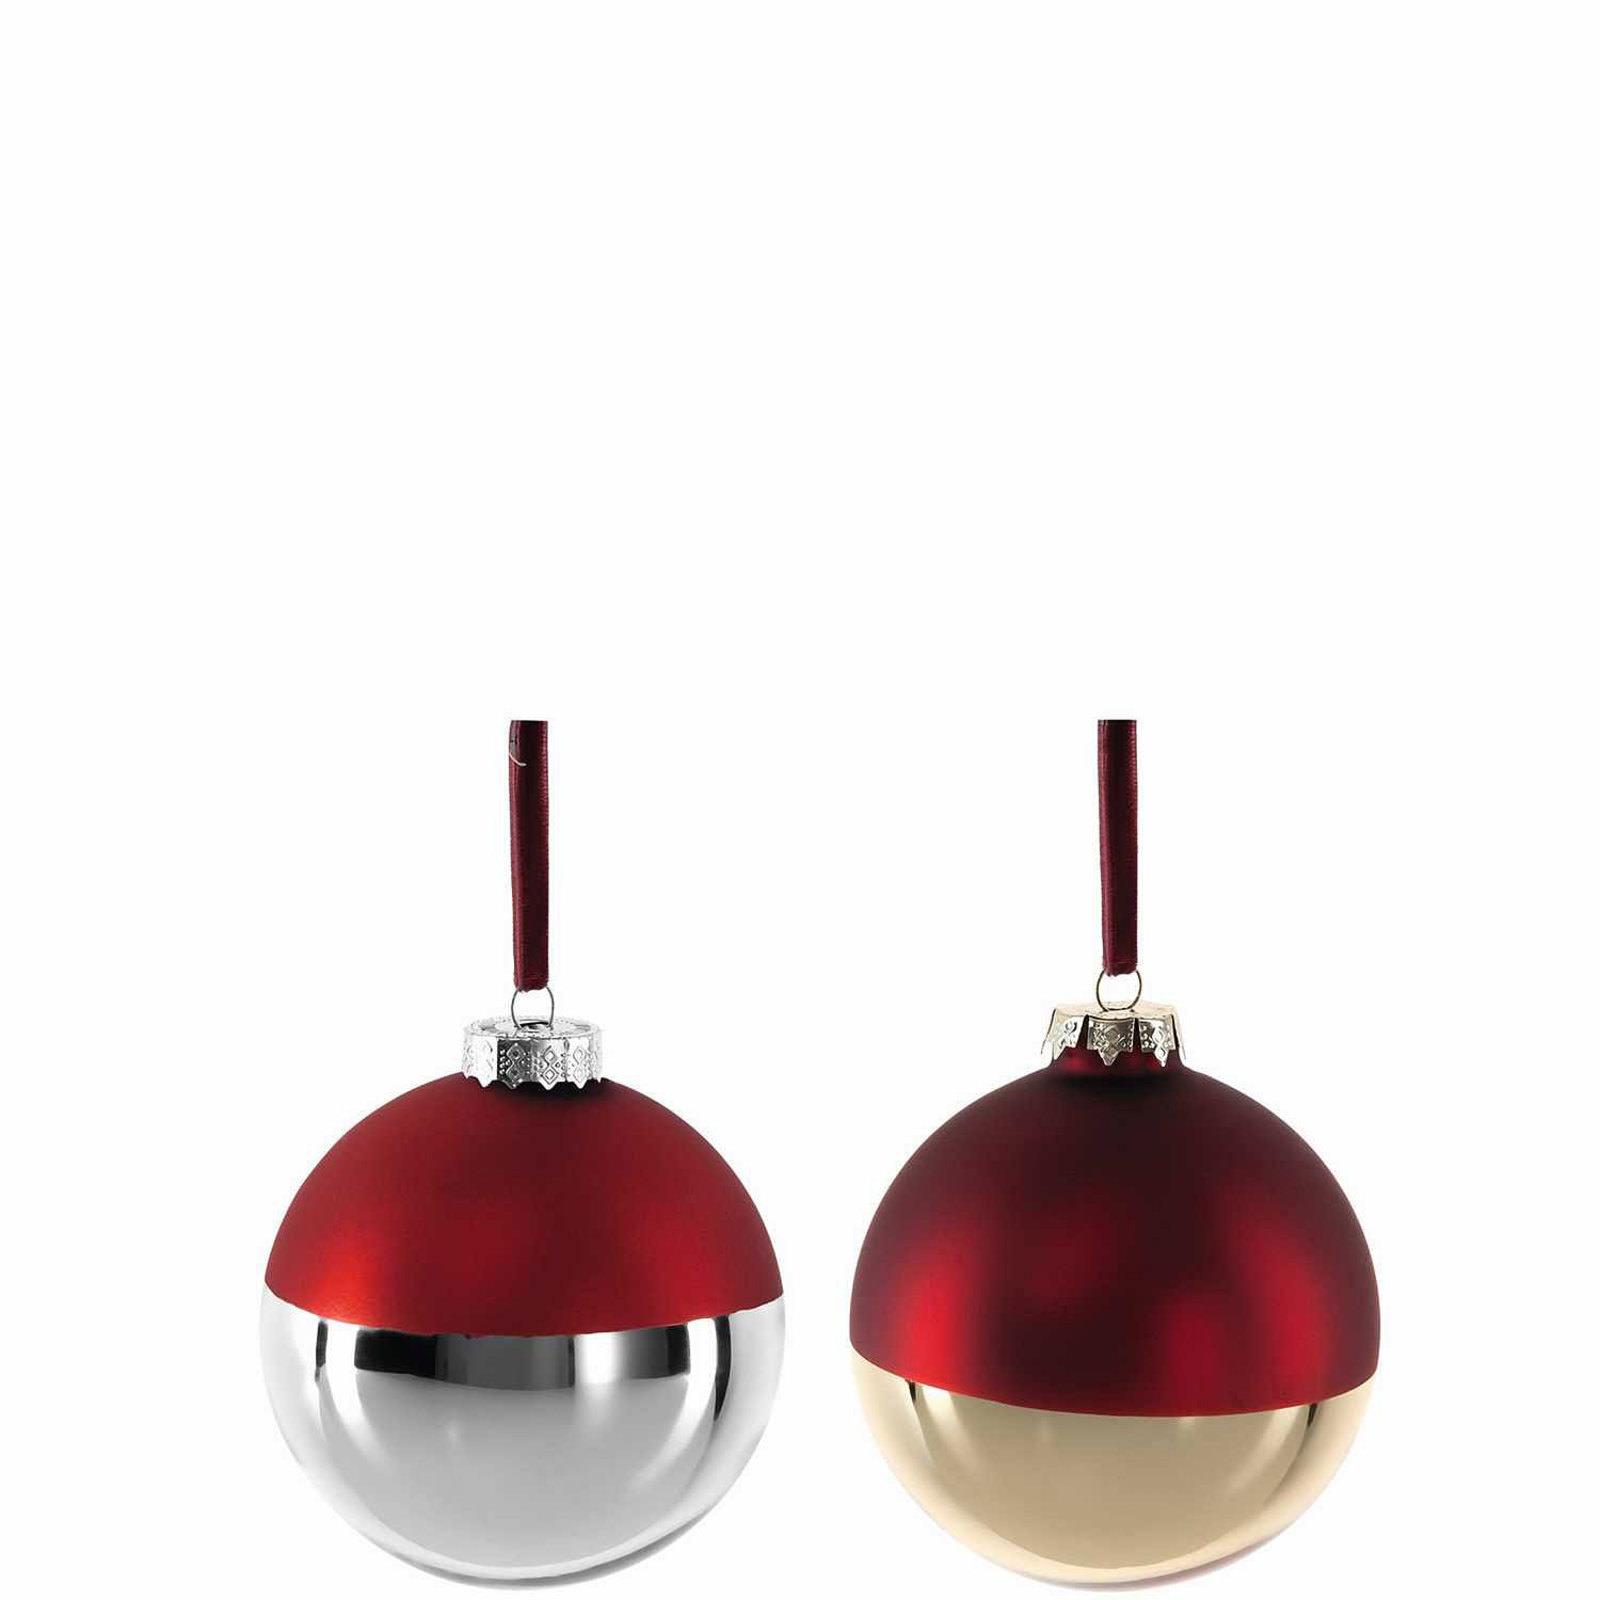 Leonardo Weihnachtskugel online entdecken | Knuffmann - Ihr Möbelhaus